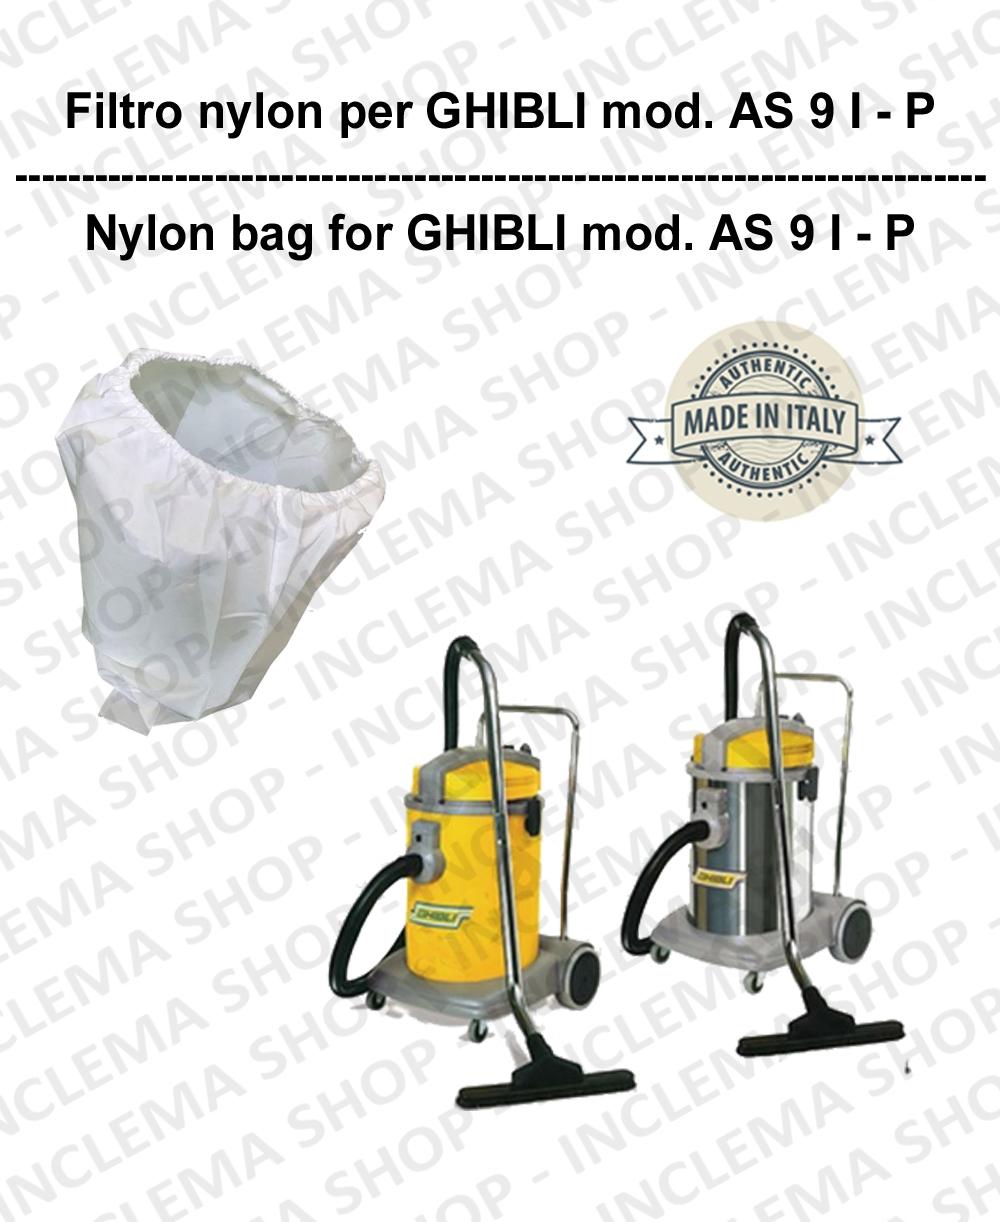 SACCO FILTRO NYLON cod: 3001215 PER aspirapolvere GHIBLI modello AS 9 I - P